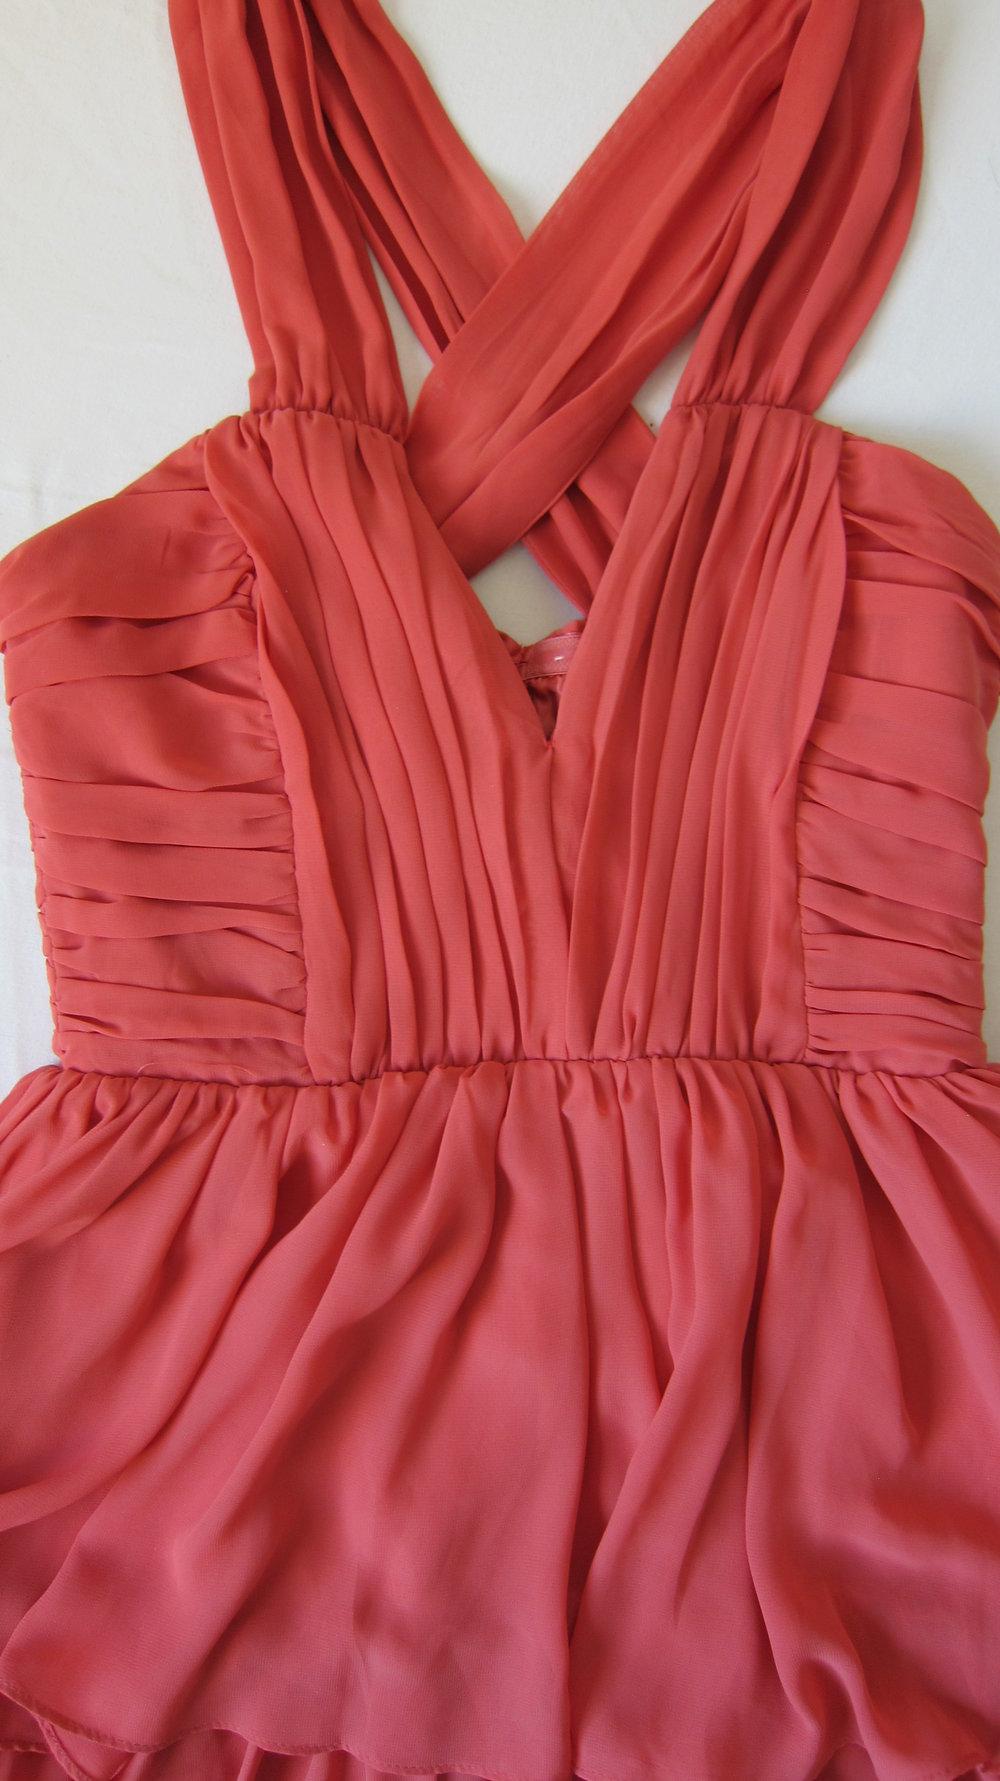 Rotes Kleid kurz von H&M Größe 11 Sommer